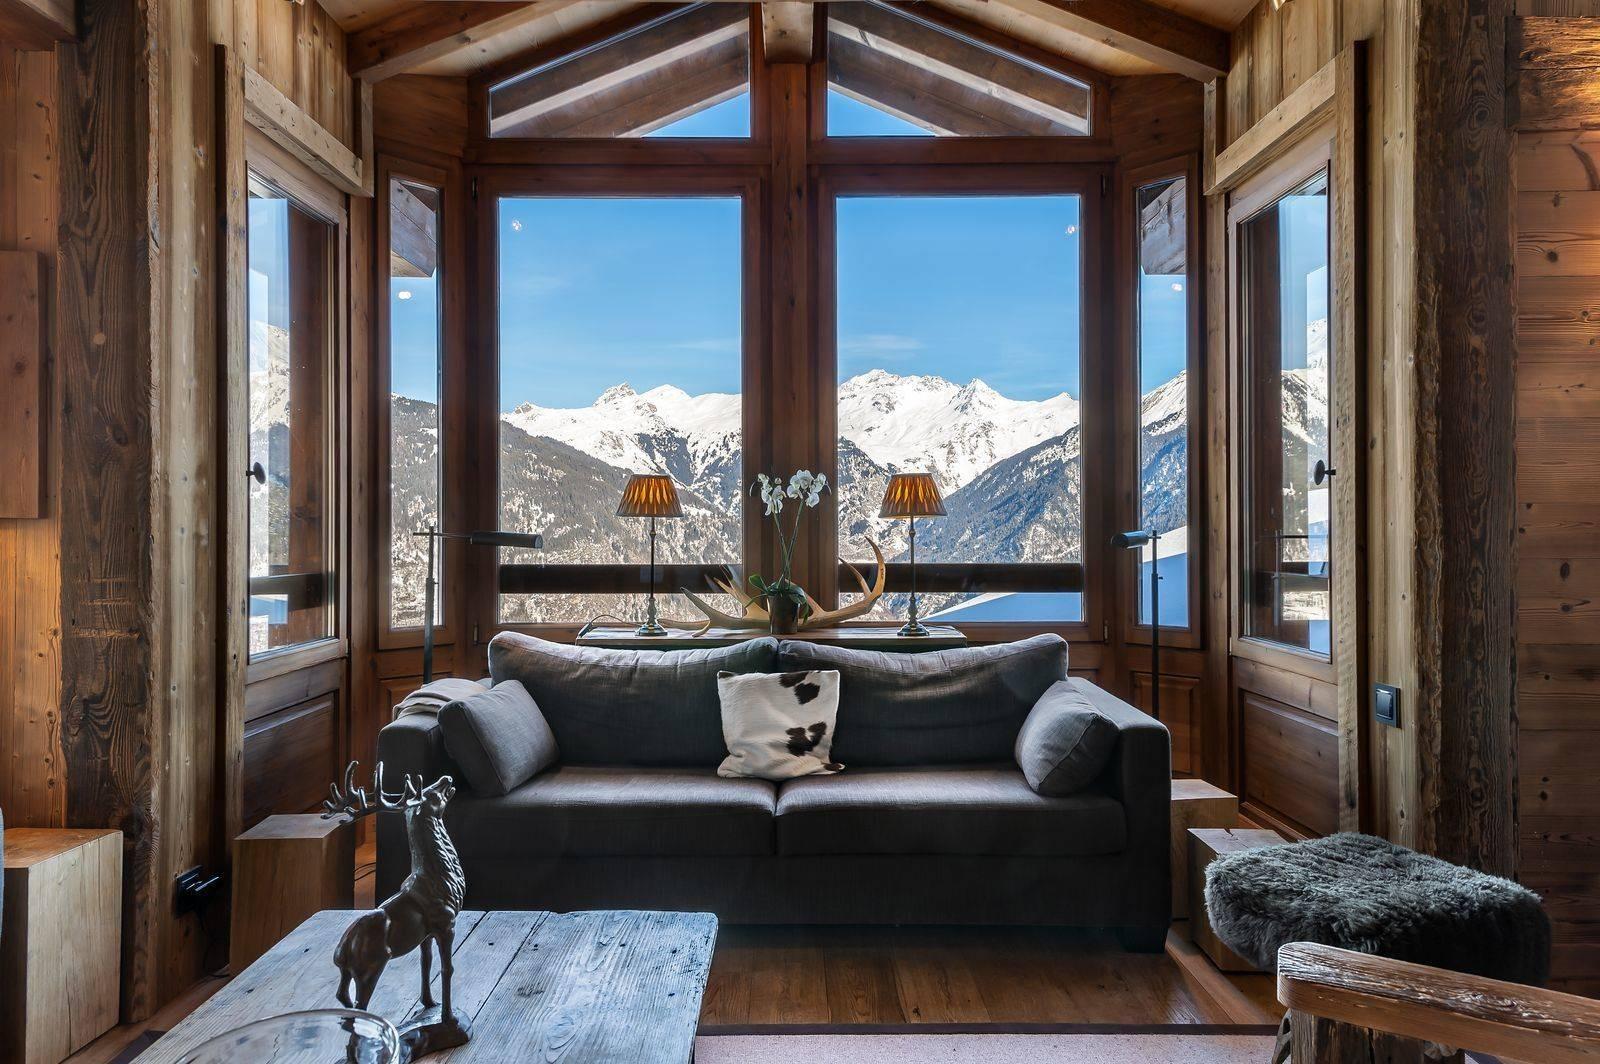 Courchevel 1550 Luxury Rental Chalet Niuréole Living Room 2